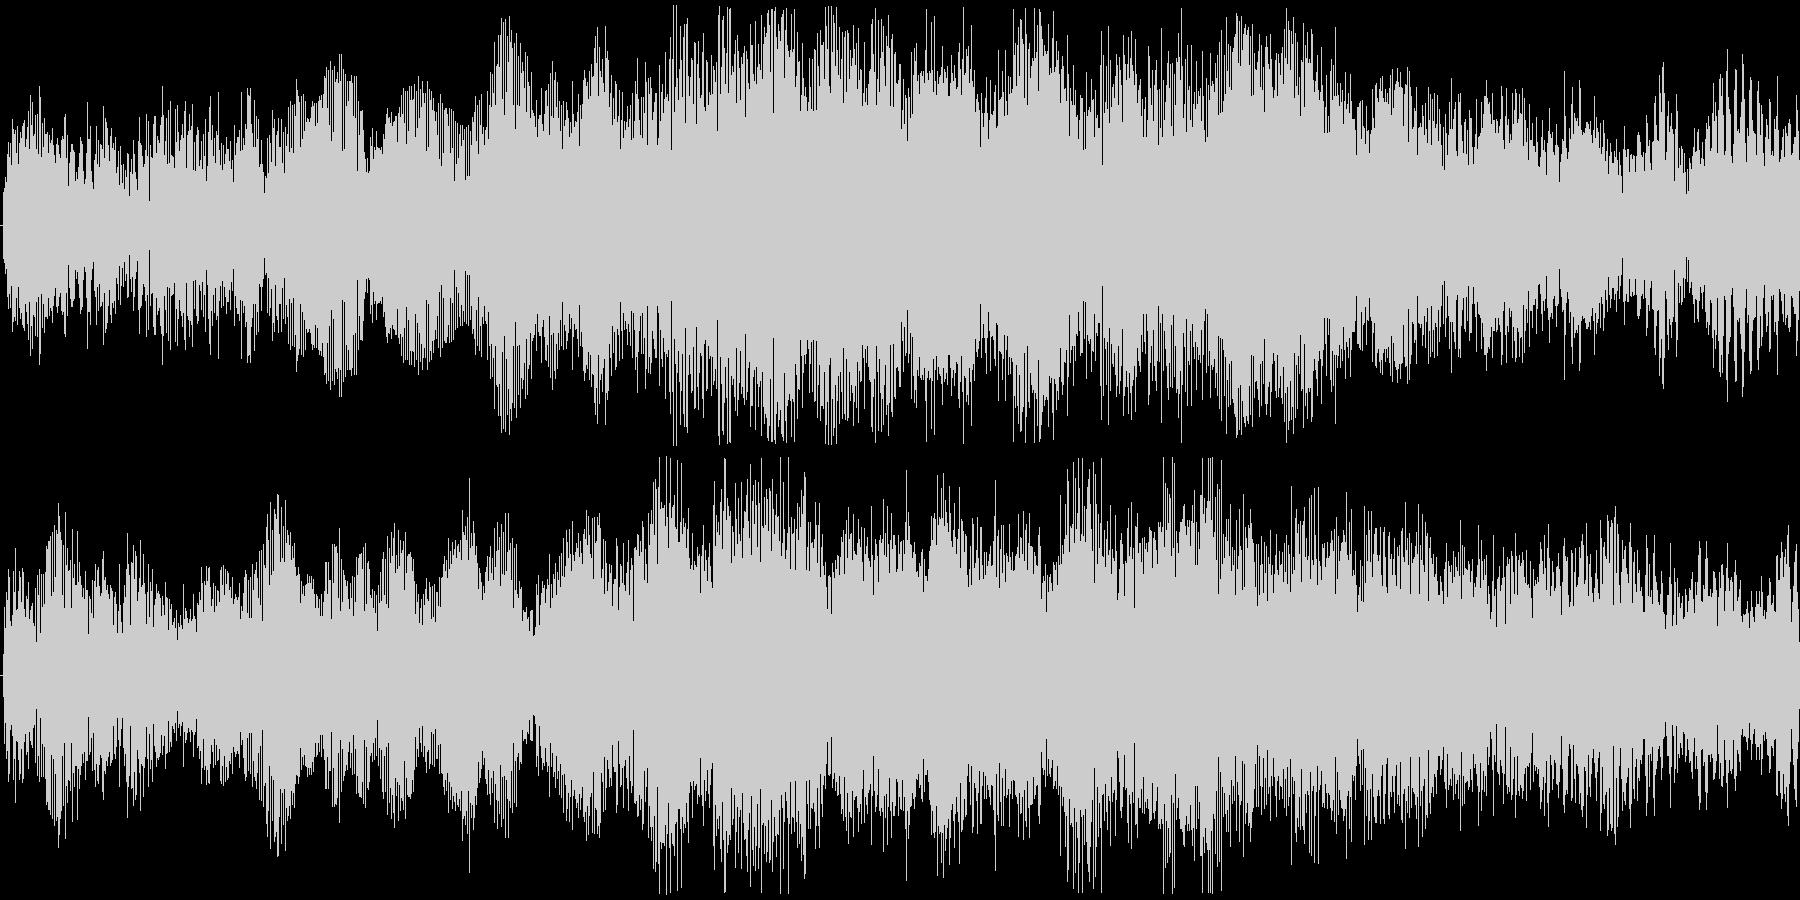 【ファンタジー/ホラー/SE】の未再生の波形